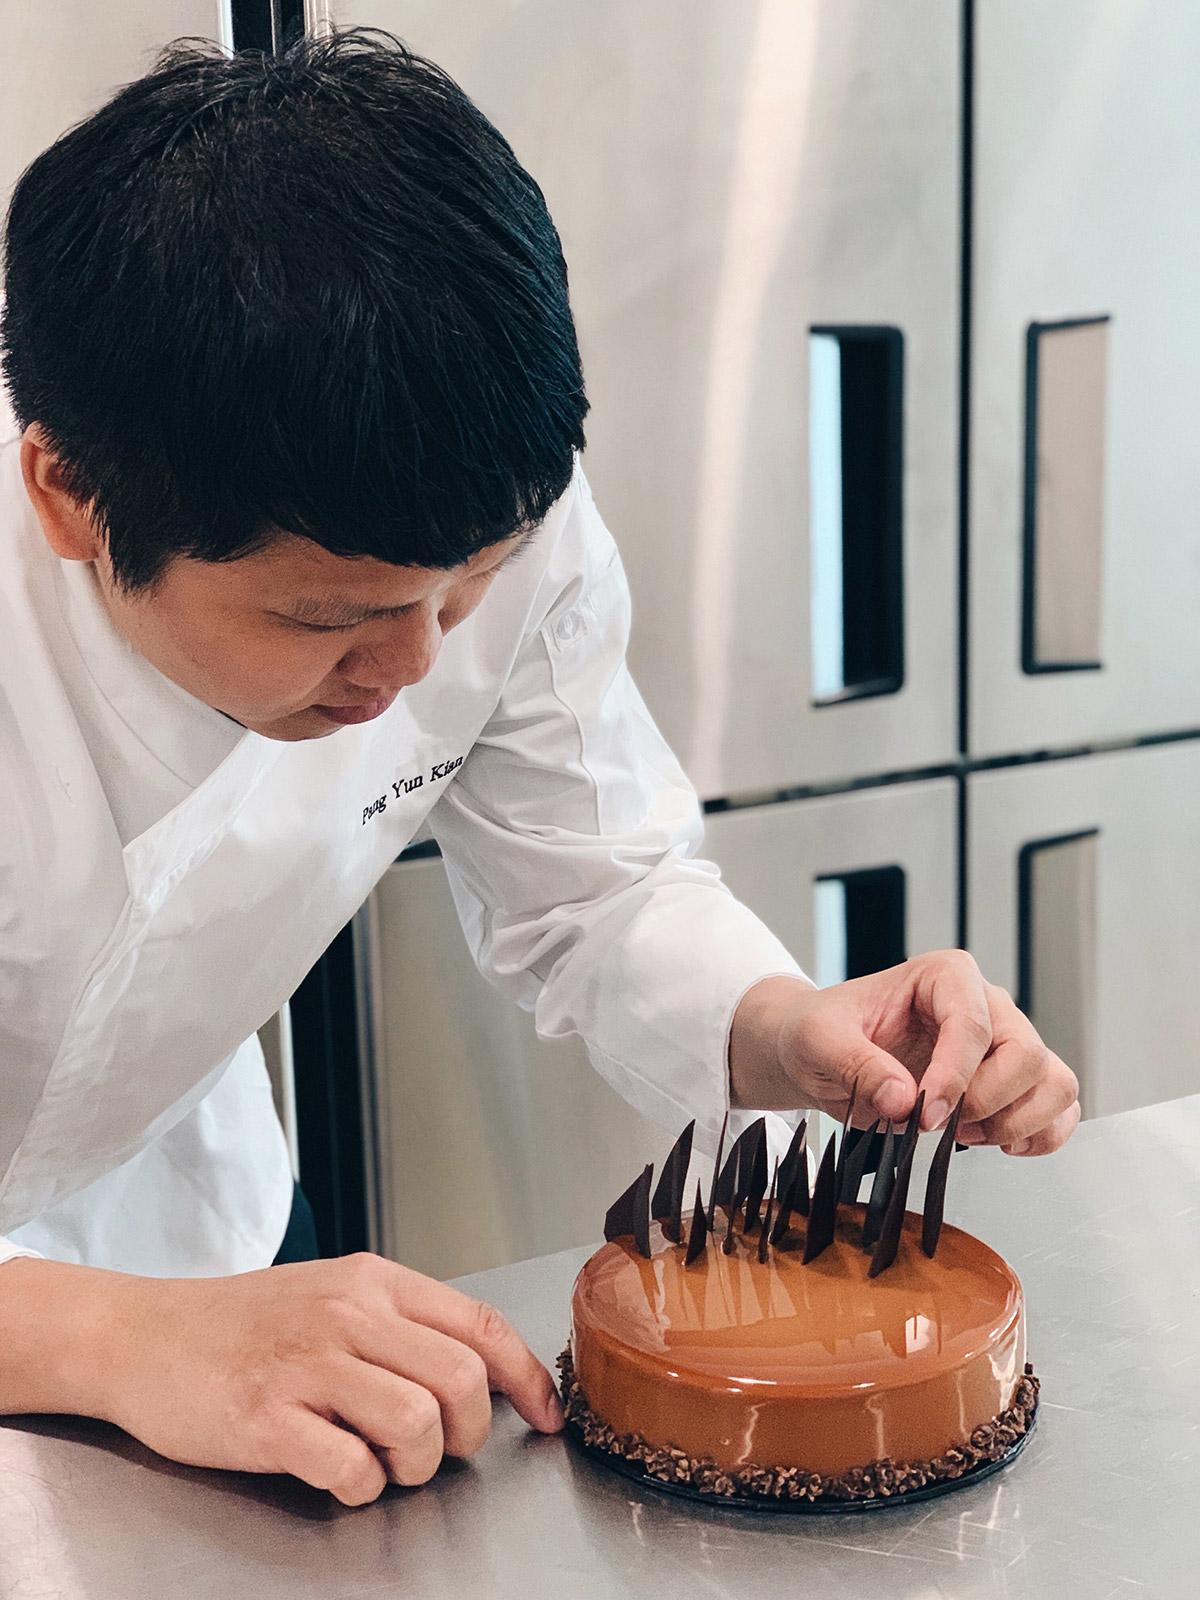 chef-Pang-Yun-Kian.jpg